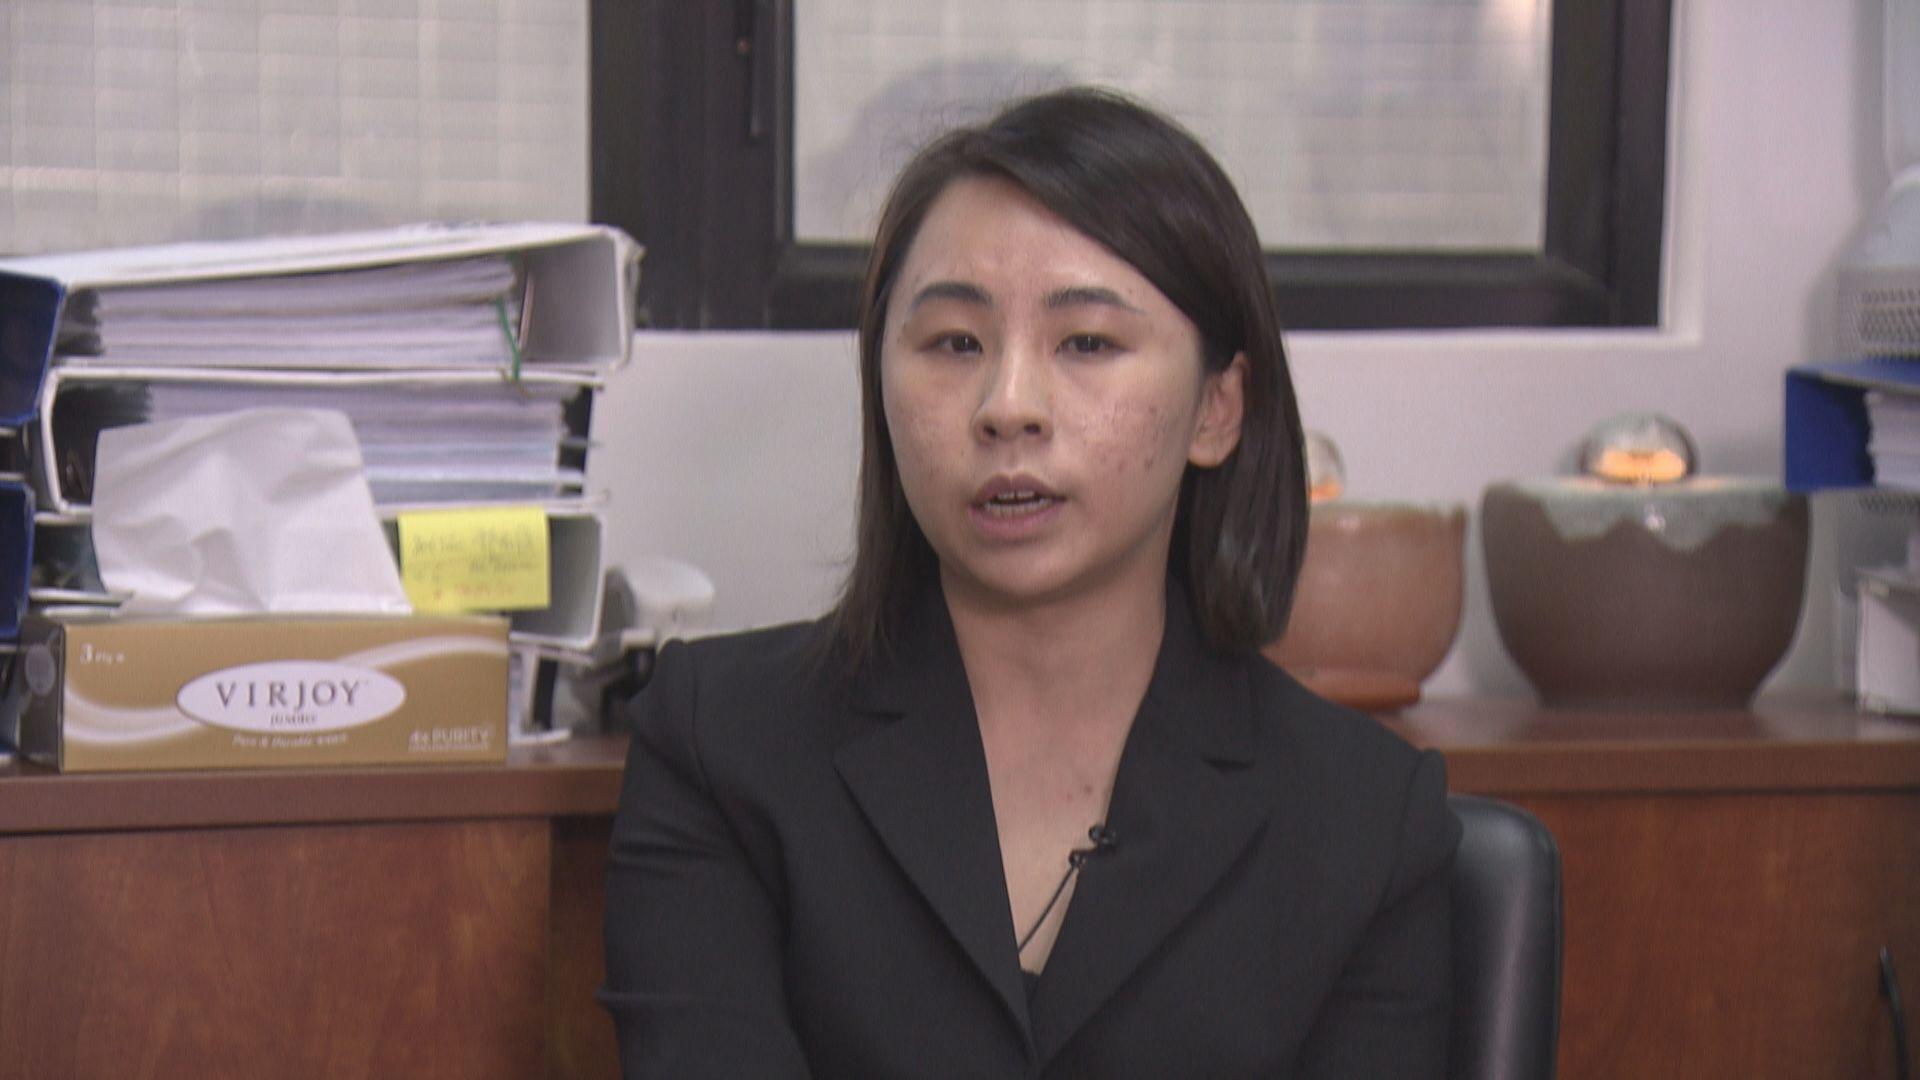 義務律師:違國安法被捕者主要涉文宣 無必要檢取DNA樣本